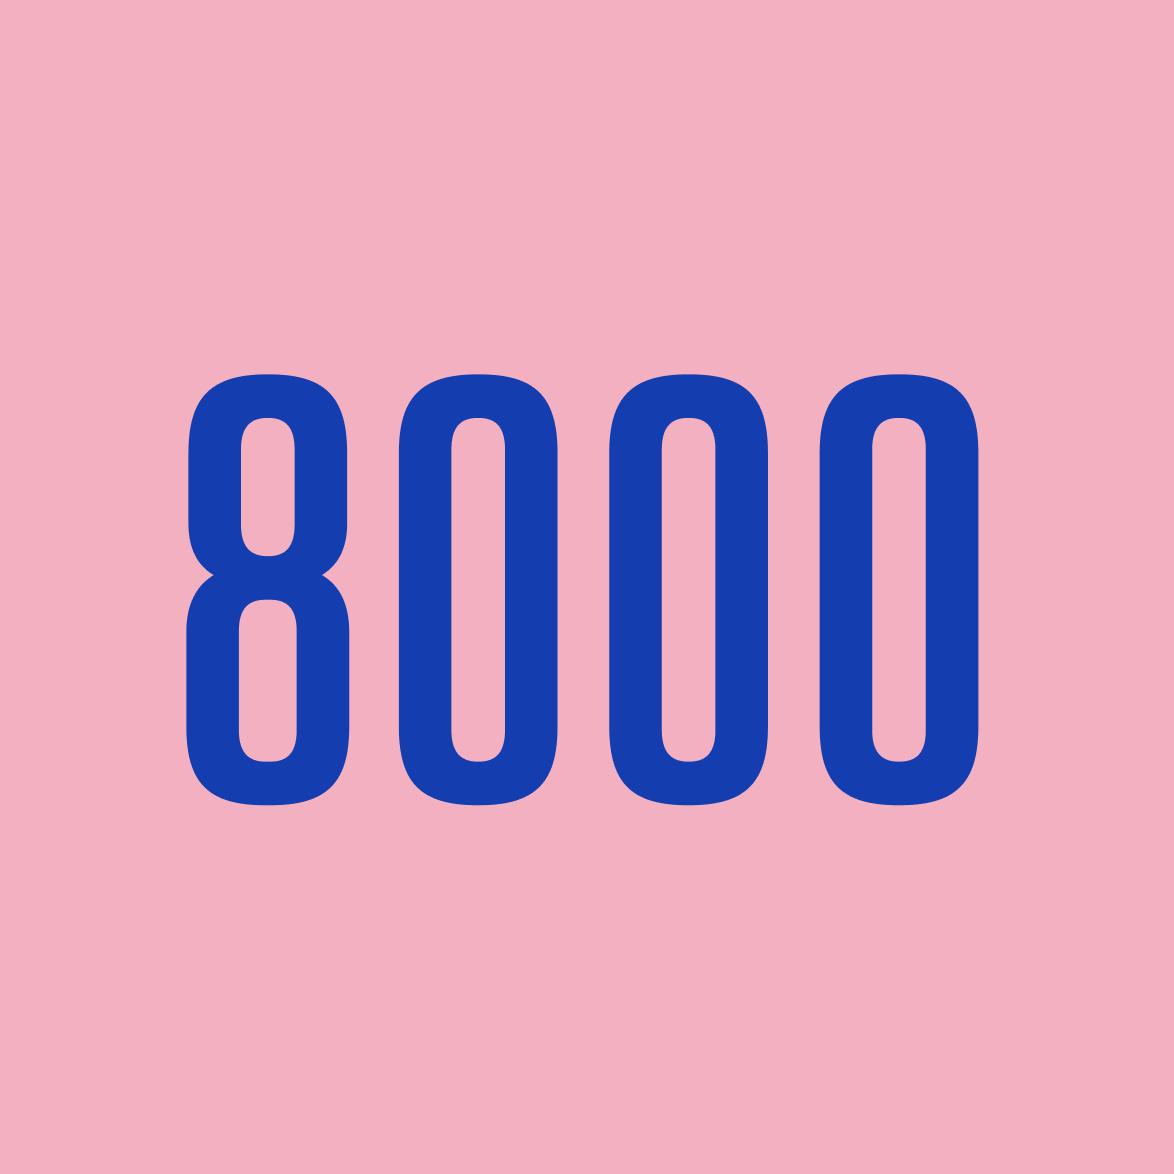 Představení iniciativy 8000důvodů